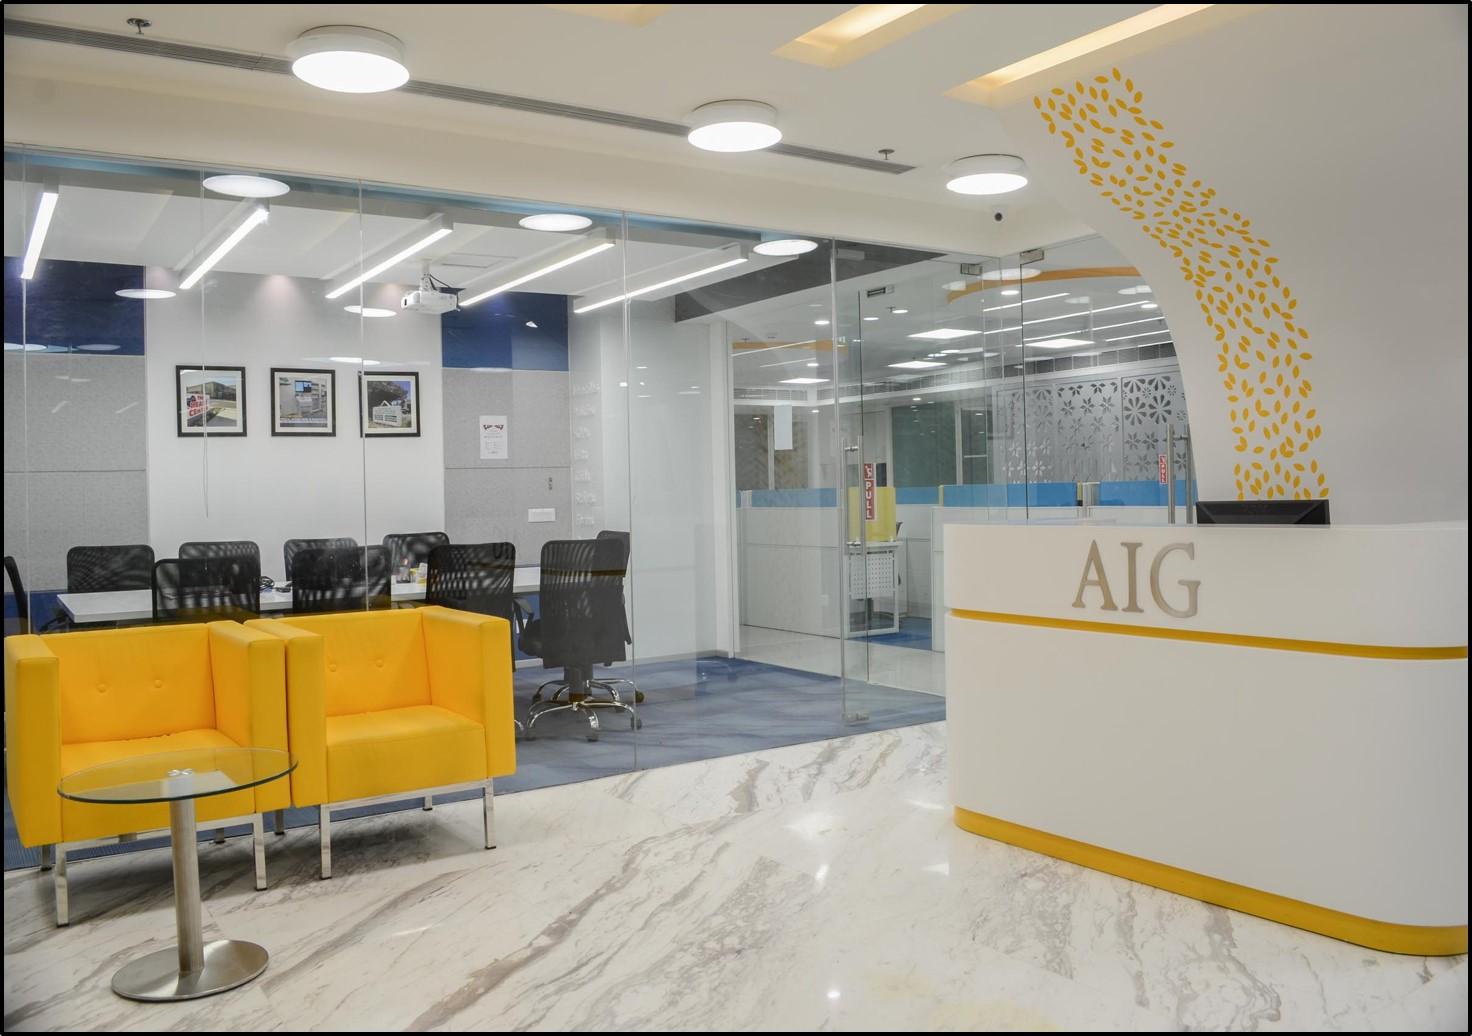 Superior Interior Refurbishment Company   Interior Refurbishment Company Delhi,  Mumbai, Bangalore